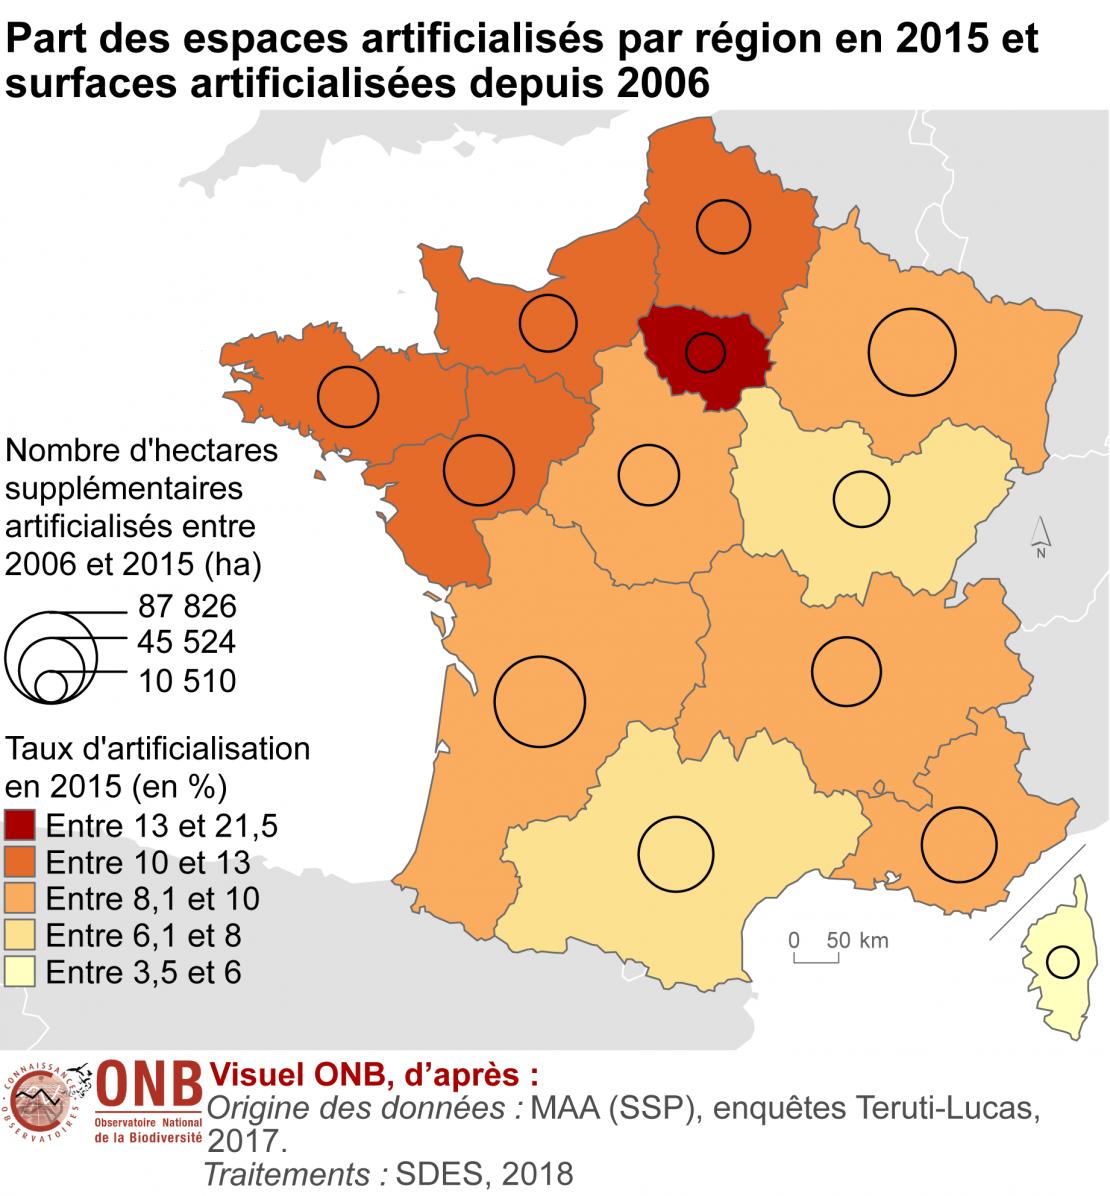 Part des espaces artificialisés par région en 2015 et surfaces artificialisées depuis 2006 en métropole